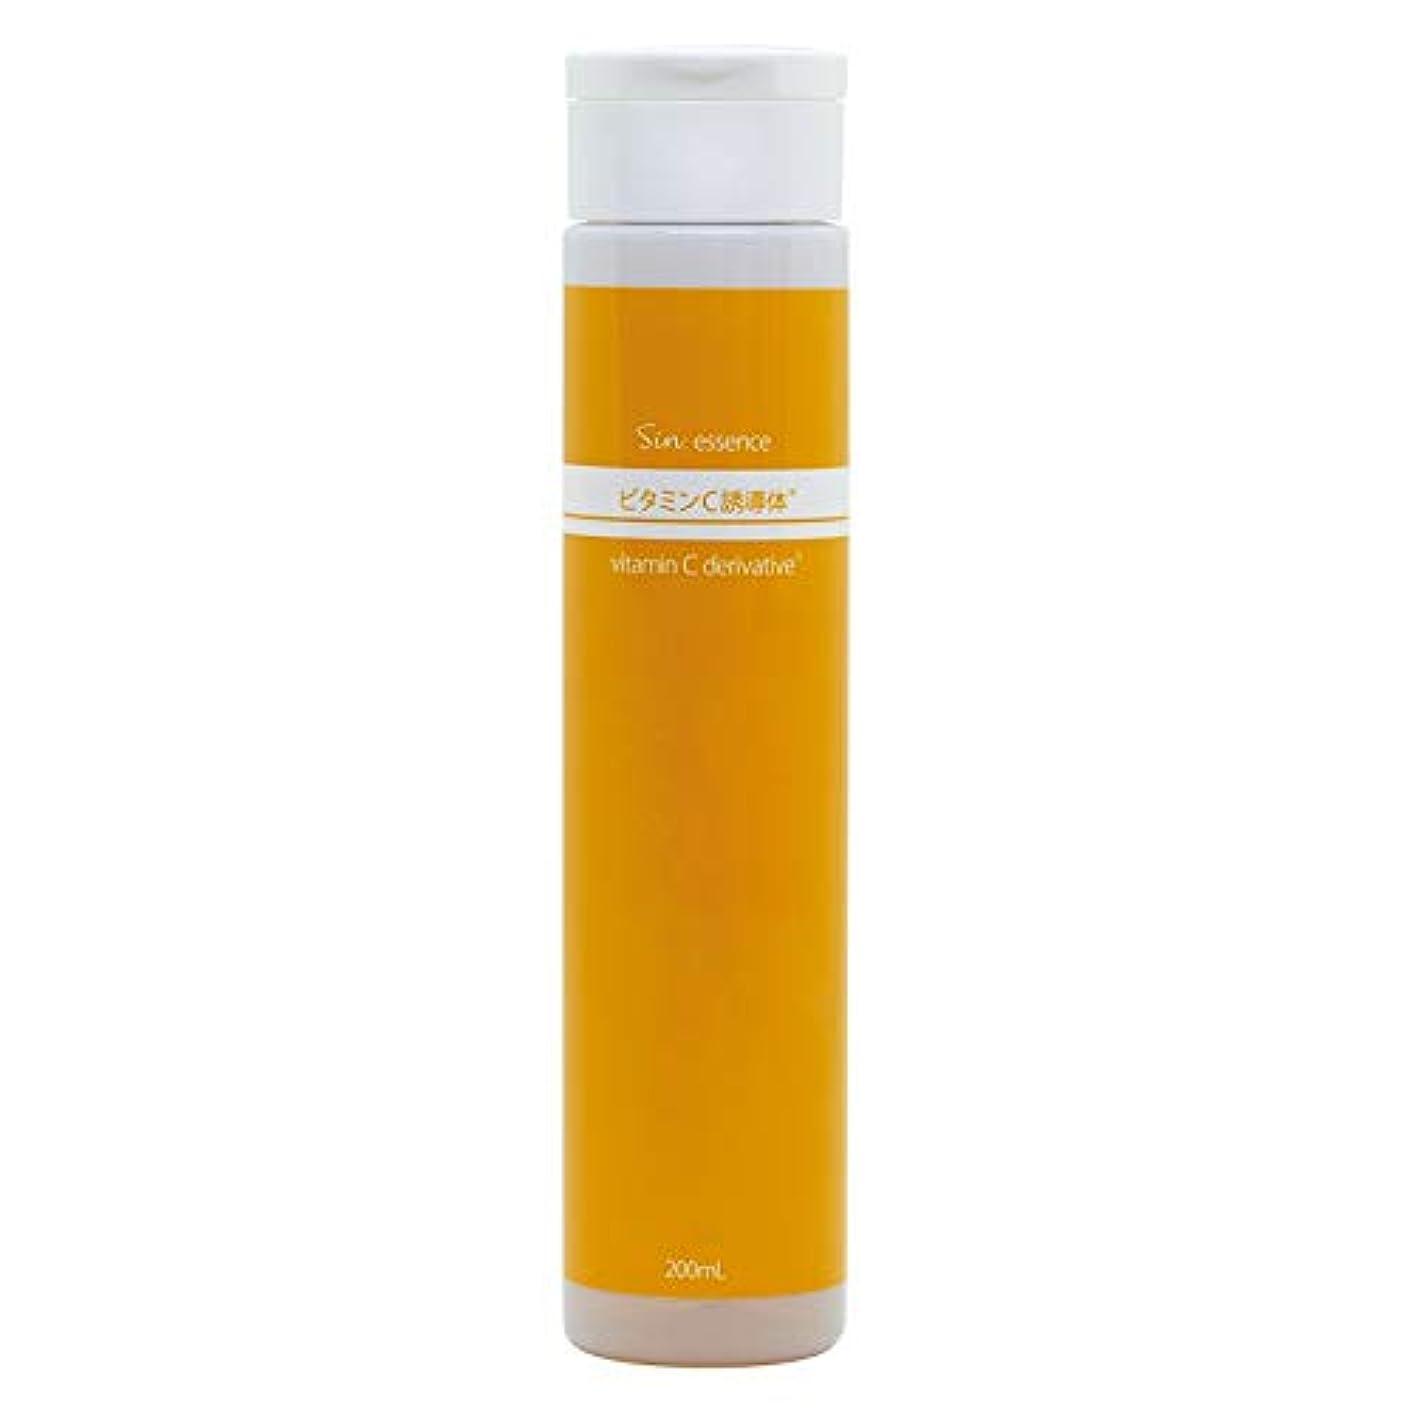 医薬品品種コーラスビタミンC誘導体配合美容液 200mL